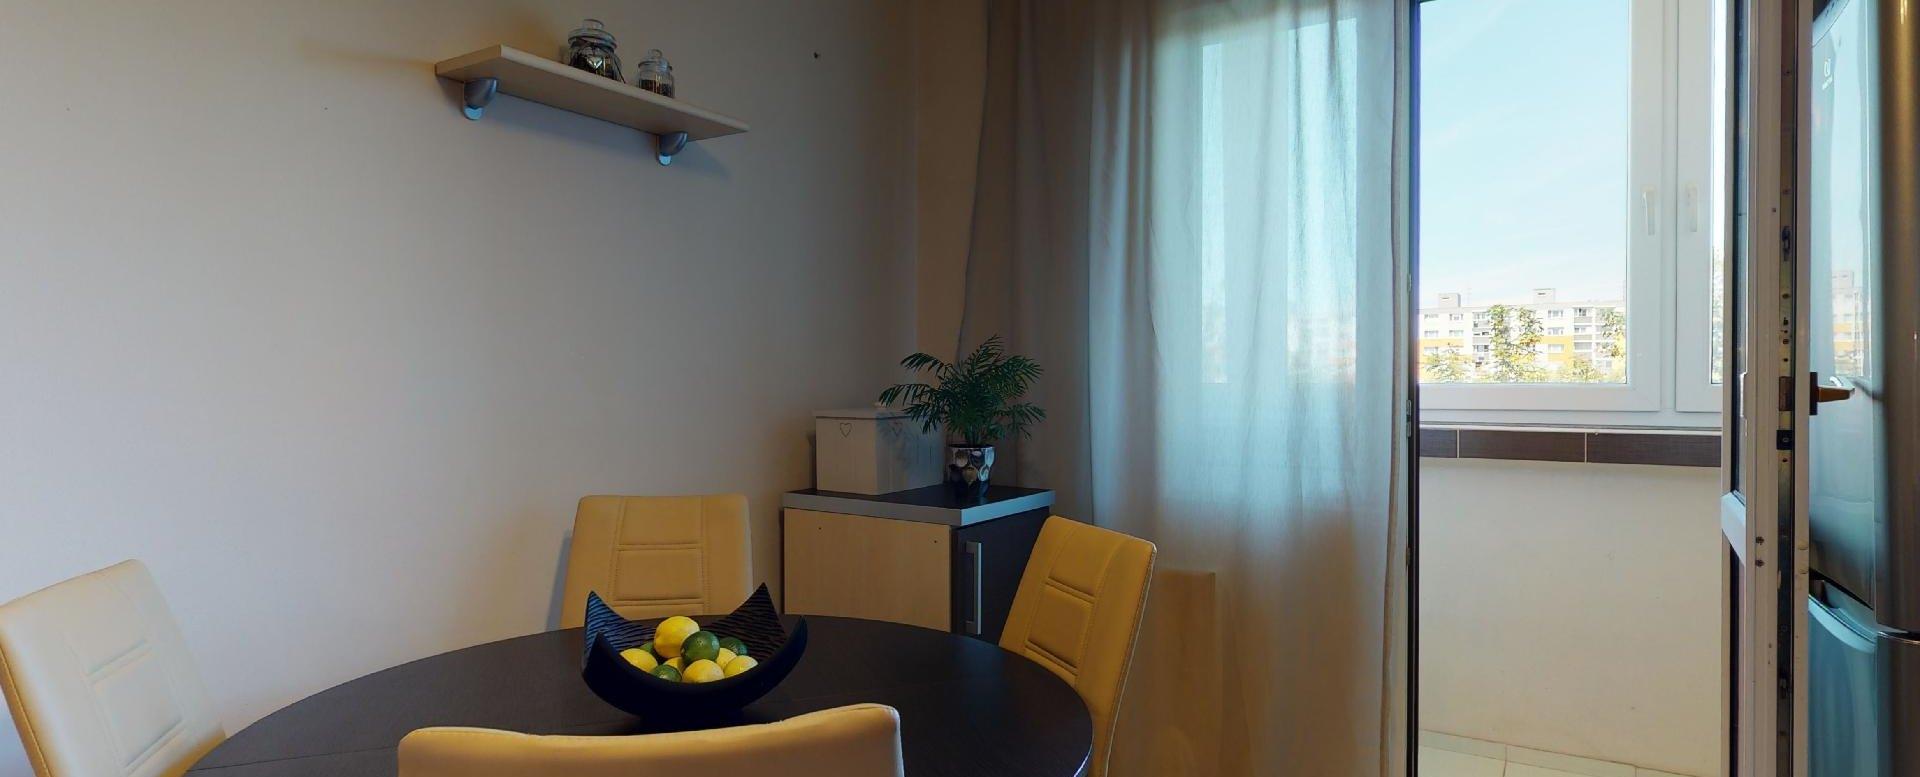 Kuchyňa s kuchynským stolom a stoličkami